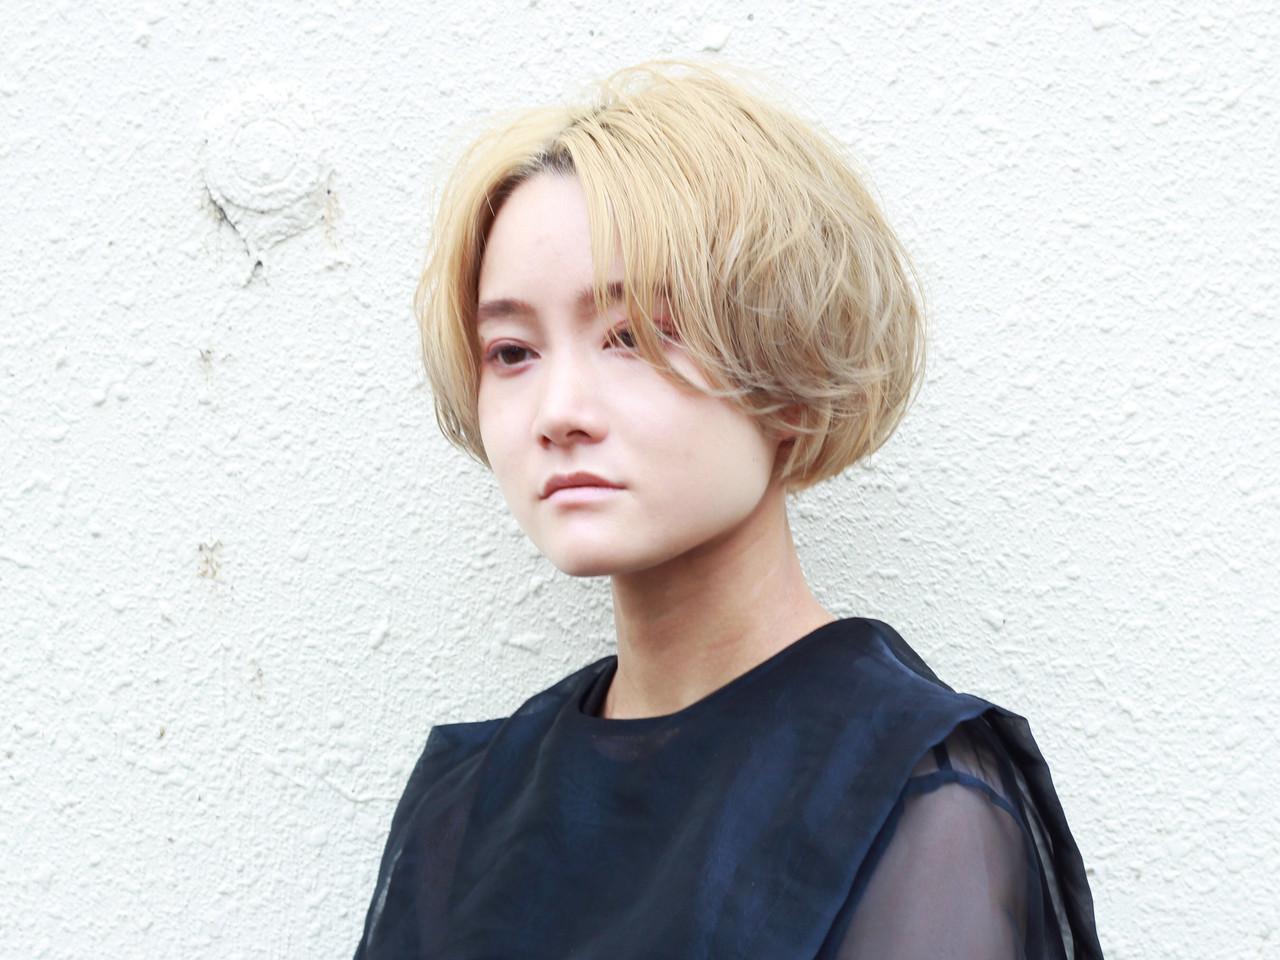 モード ブリーチカラー ミディアム モテボブ ヘアスタイルや髪型の写真・画像 | 元橋啓太 / snob